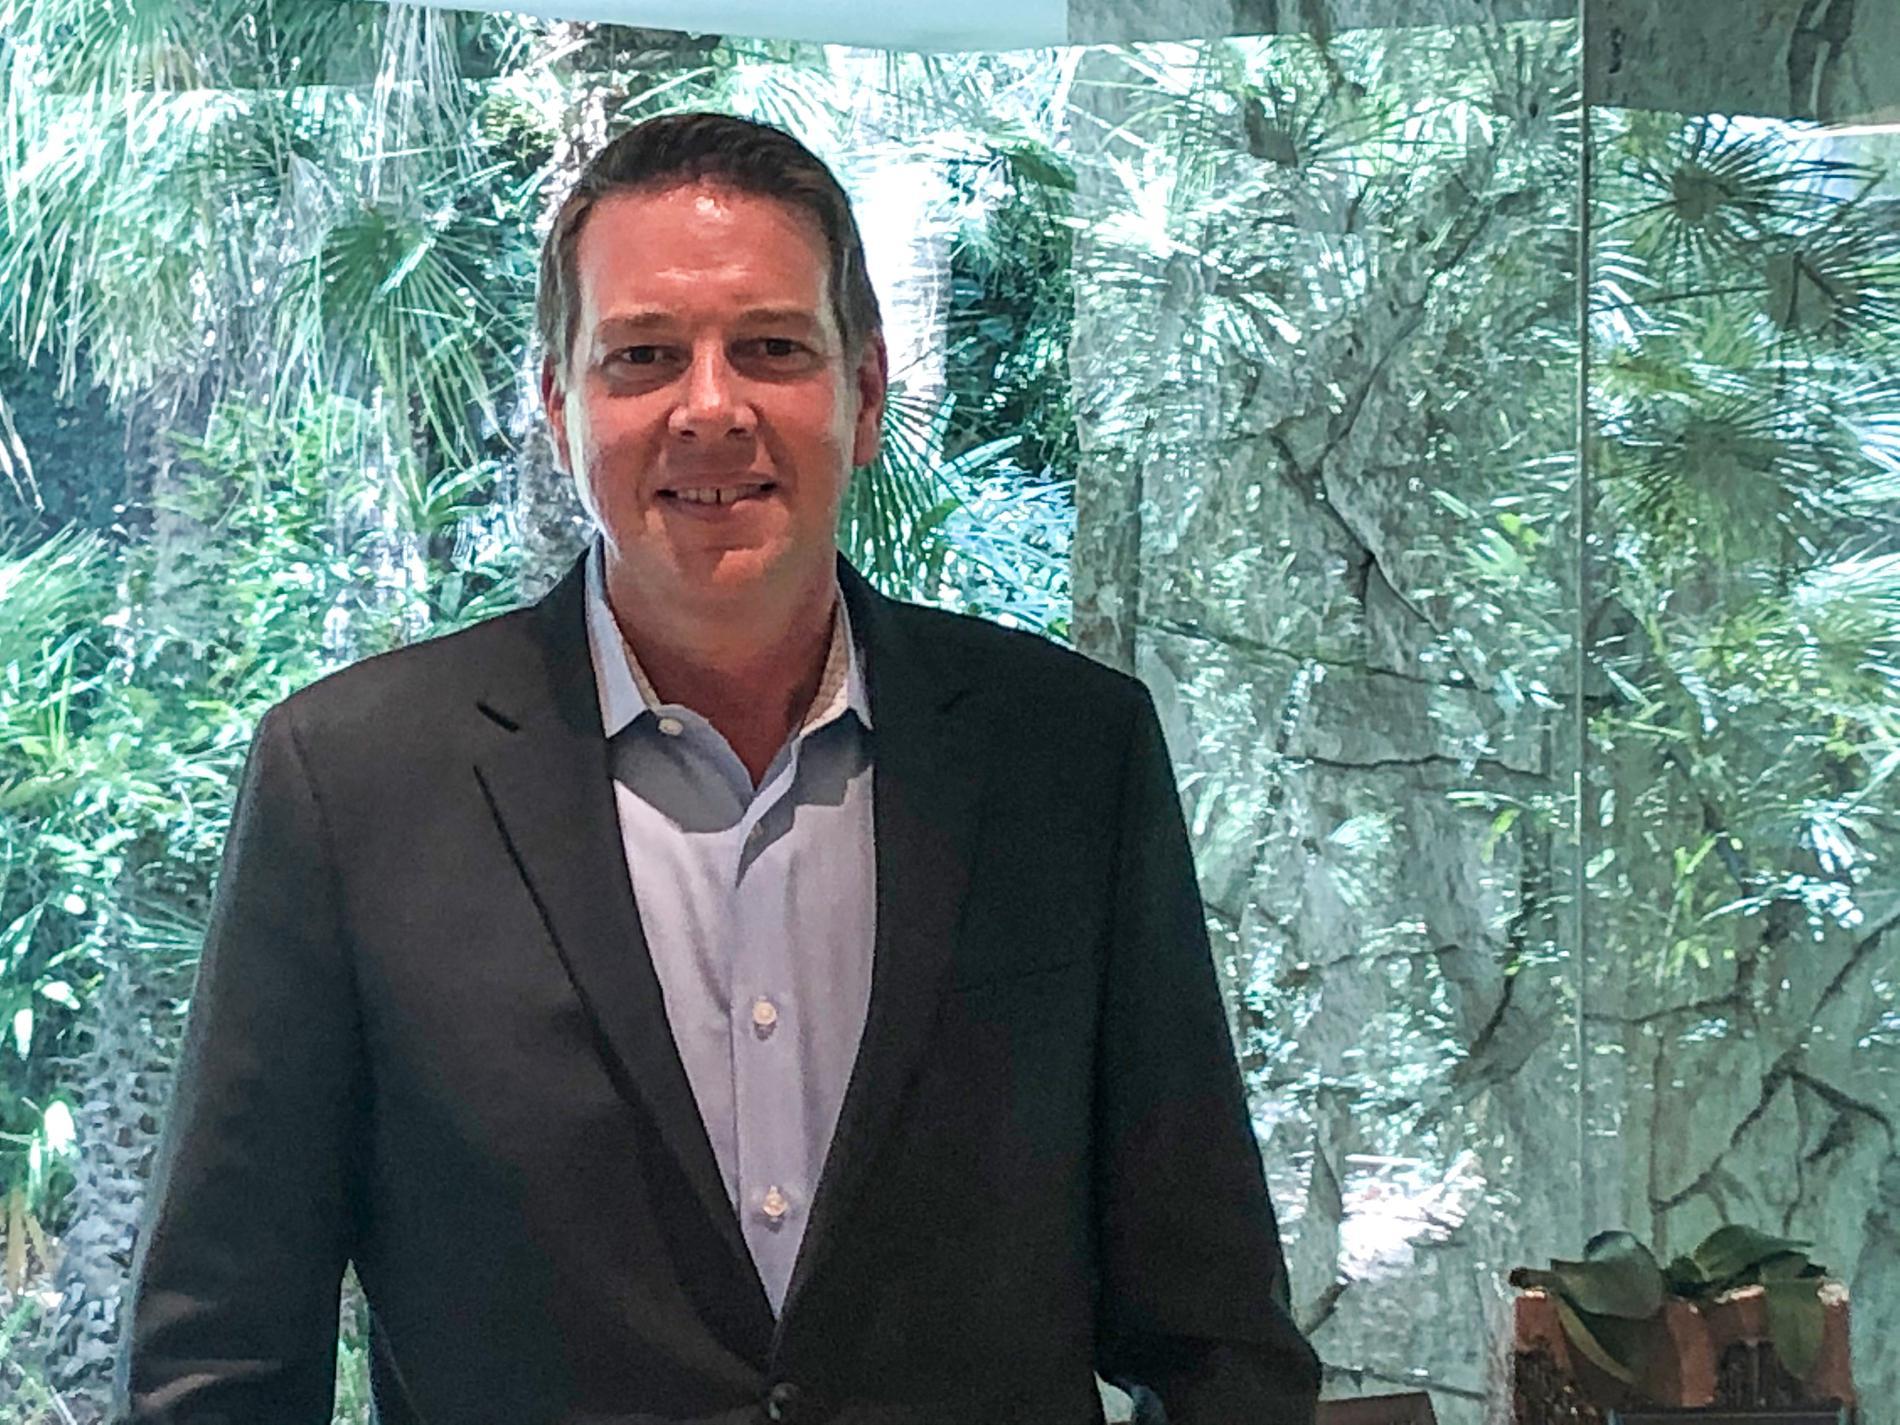 Sörlänningen Niklas Rytterström är president och operativ chef på klassiska The Mirage i Las Vegas.